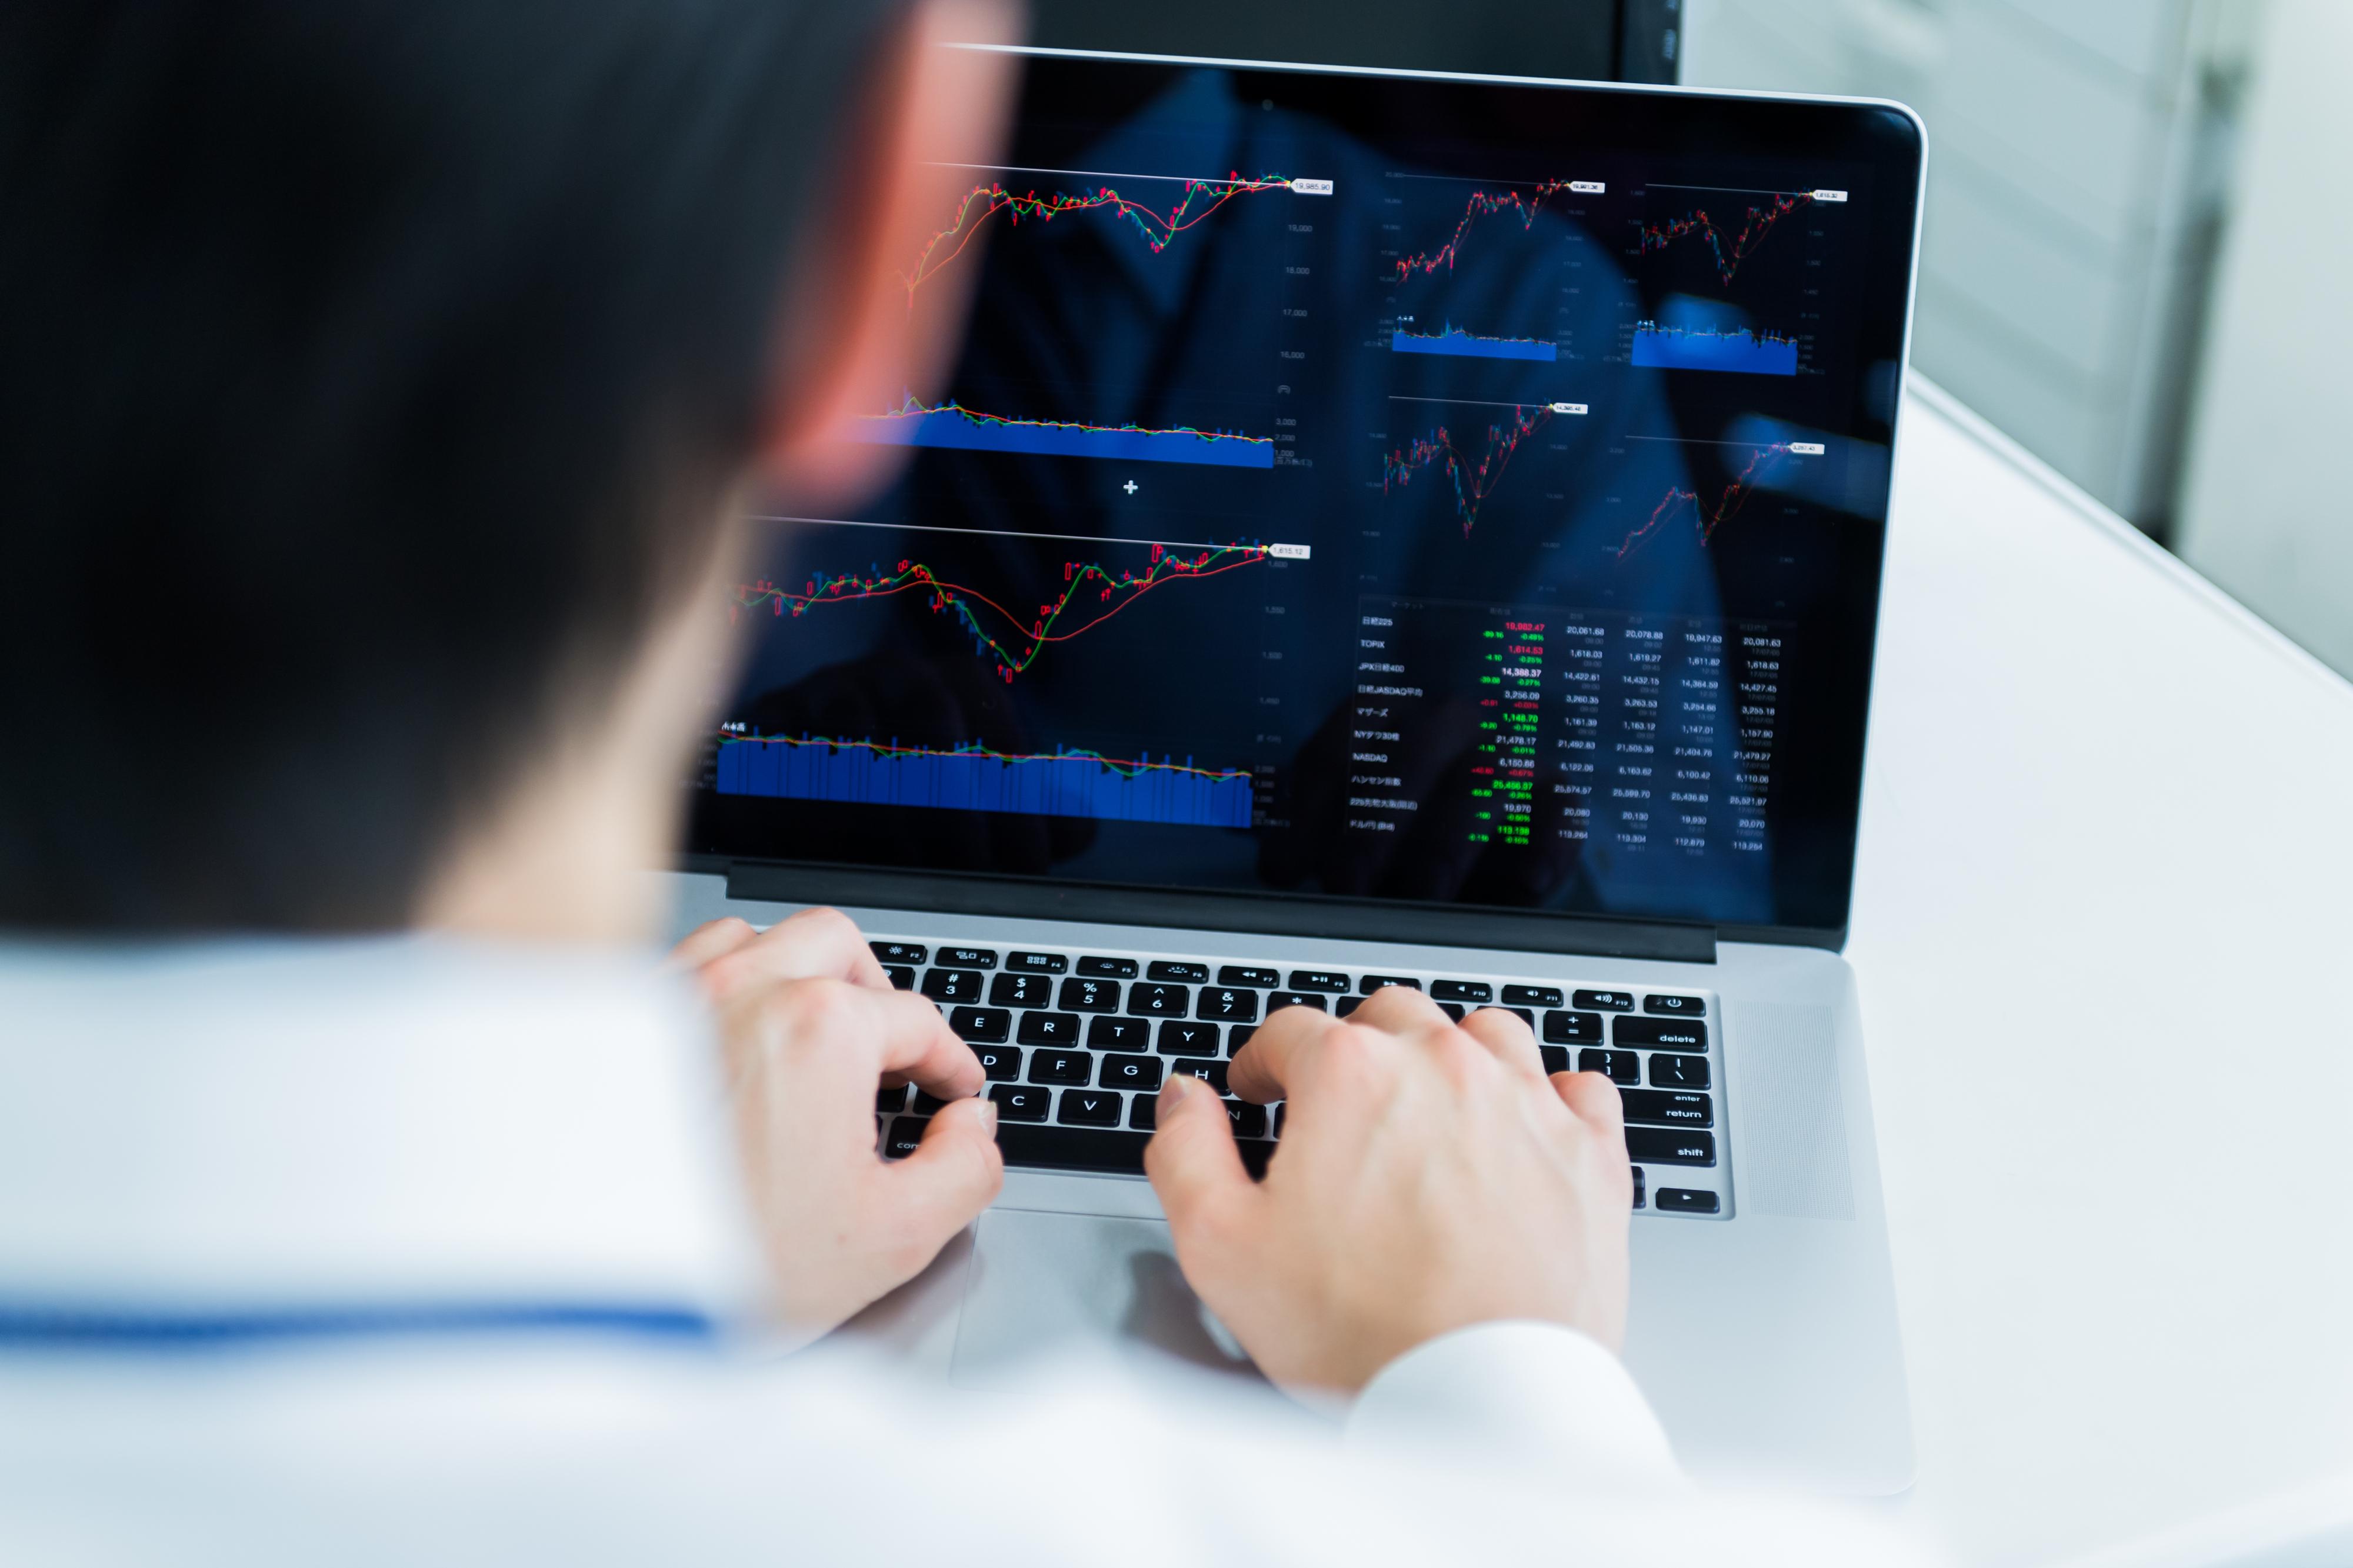 チャートをパソコンで見ている男性